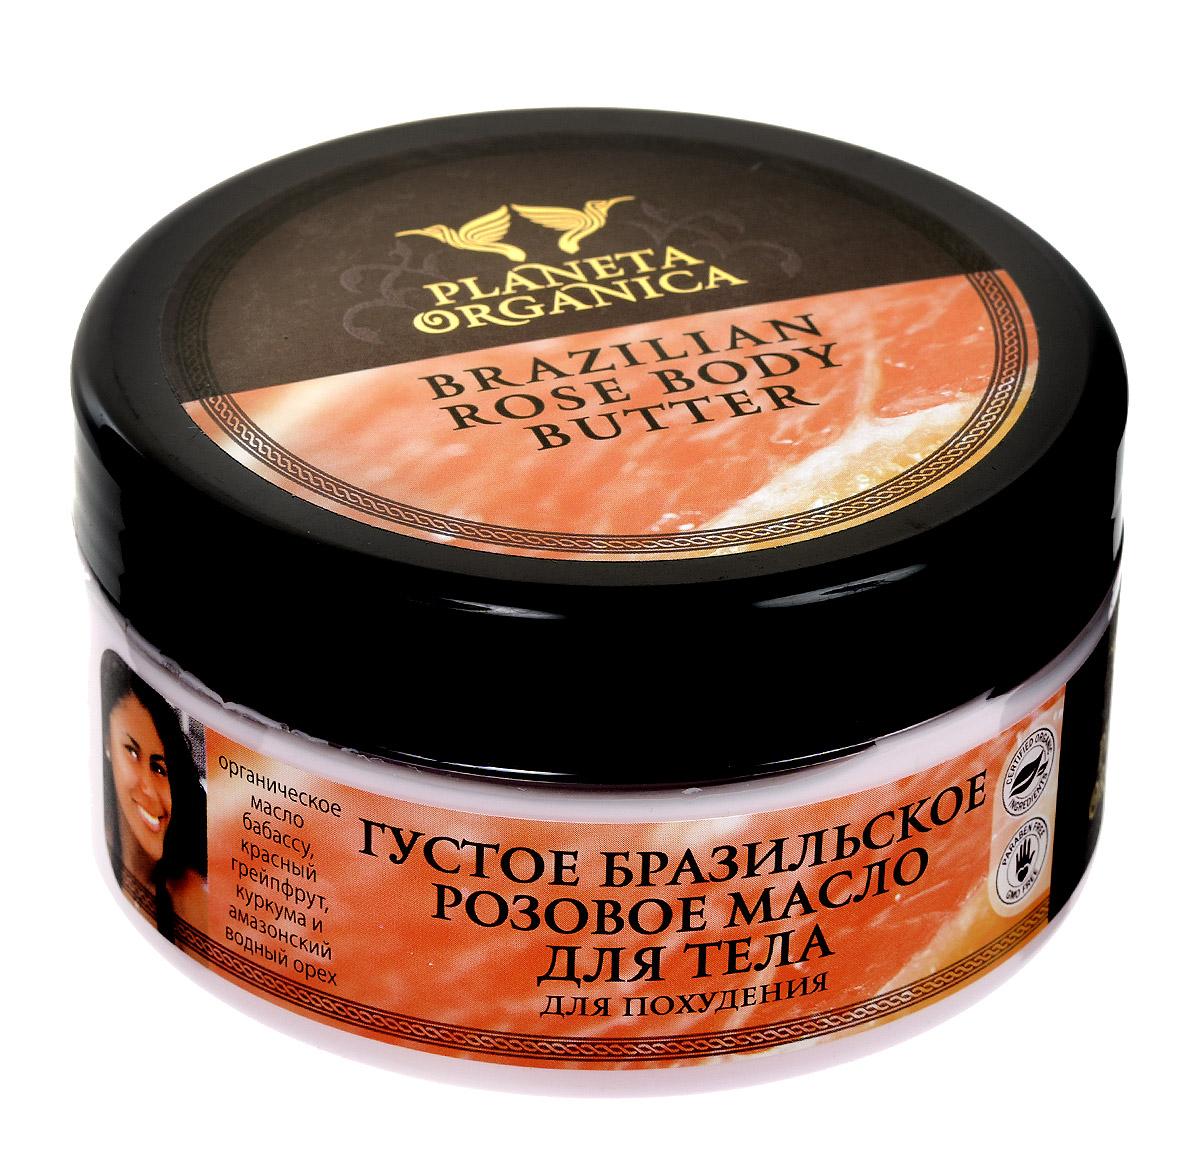 Planeta Organica Густое бразильское розовое масло для тела, для похудения, 300 мл071-1-0281Густое бразильское розовое масло Planeta Organica для тела, для похудения - густая текстура и легкое нанесение. Густое розовое масло возвращает коже тонус, упругость и эластичность. Пектин, содержащийся в красном грейпфруте, усиливает обмен веществ, тонизирует кожу, эффективно борется с целлюлитом. Амазонский водный орех активизирует расщепление жировых клеток, улучшая контуры тела. Благодаря токотриенолам, входящим в состав масла, бабассу обладает антиоксидантным и антивозрастным действием. Куркума увлажняет и смягчает, делает кожу подтянутой и гладкой. Густое масло выравнивает контуры тела и способствует похудению, а также замедляет процесс накопления жировых отложений. Характеристики: Объем: 300 мл. Артикул: 071-1-0281. Производитель: Россия. Товар сертифицирован.